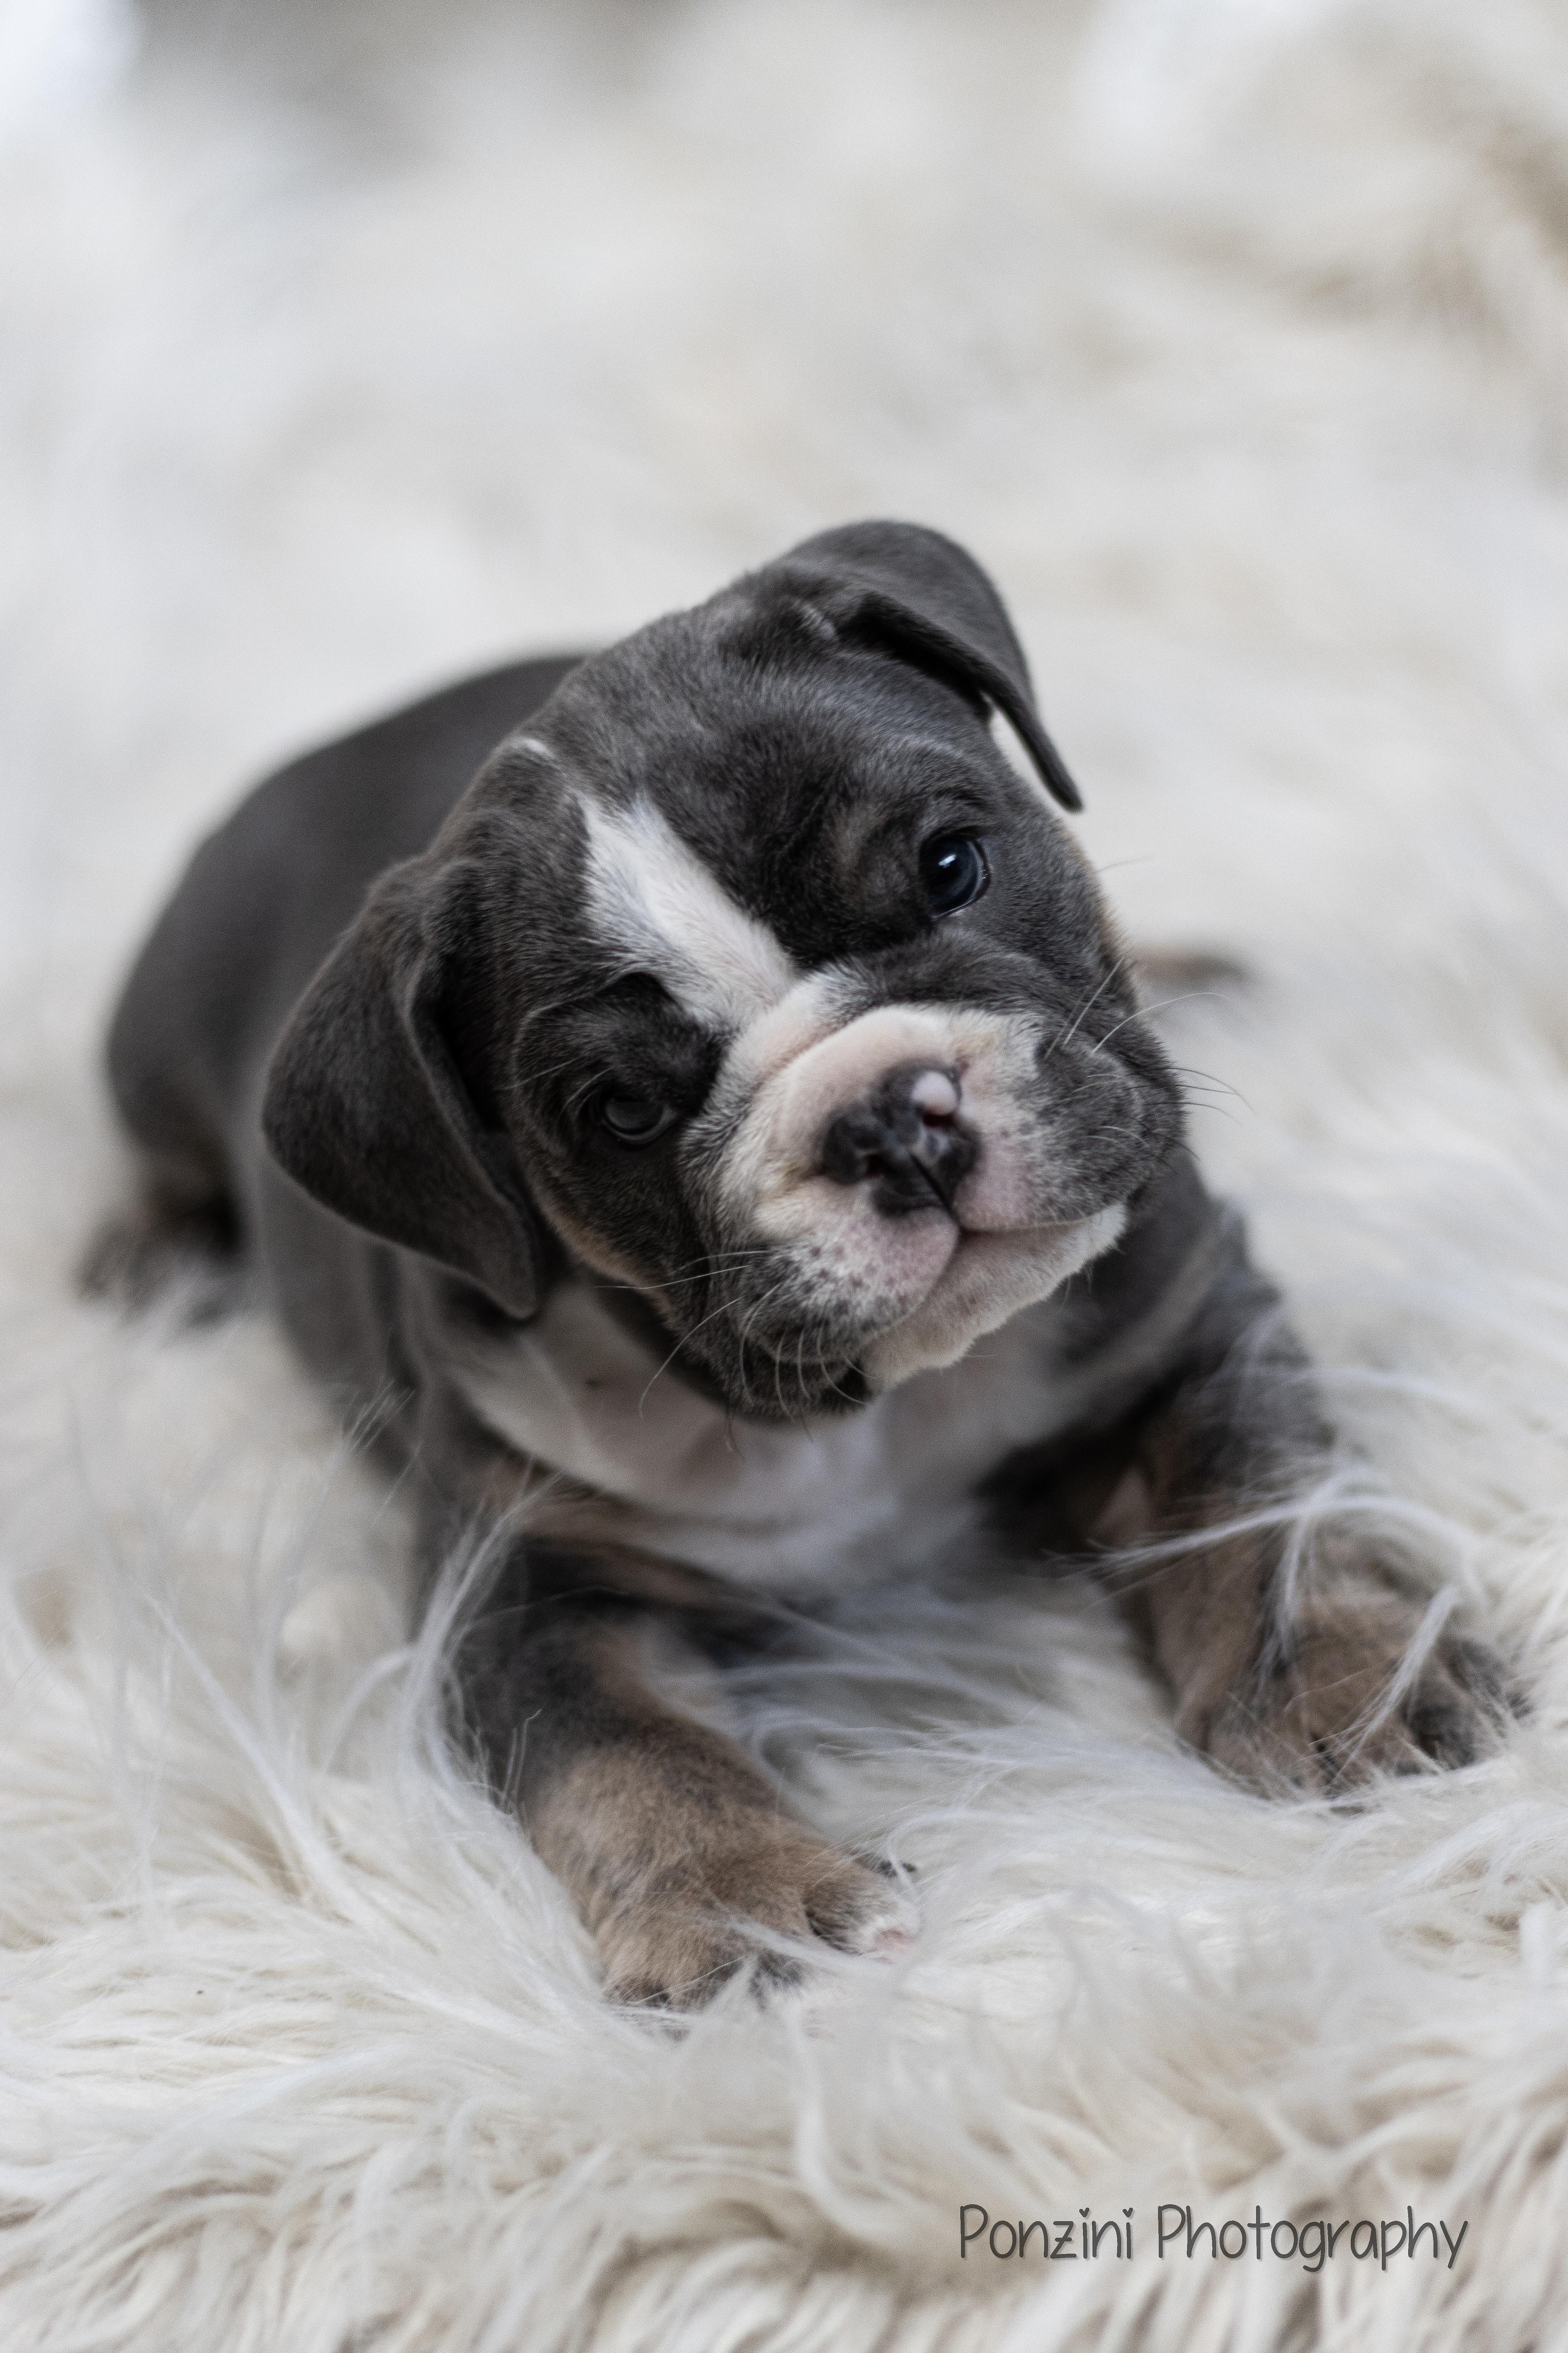 Fur baby photos!